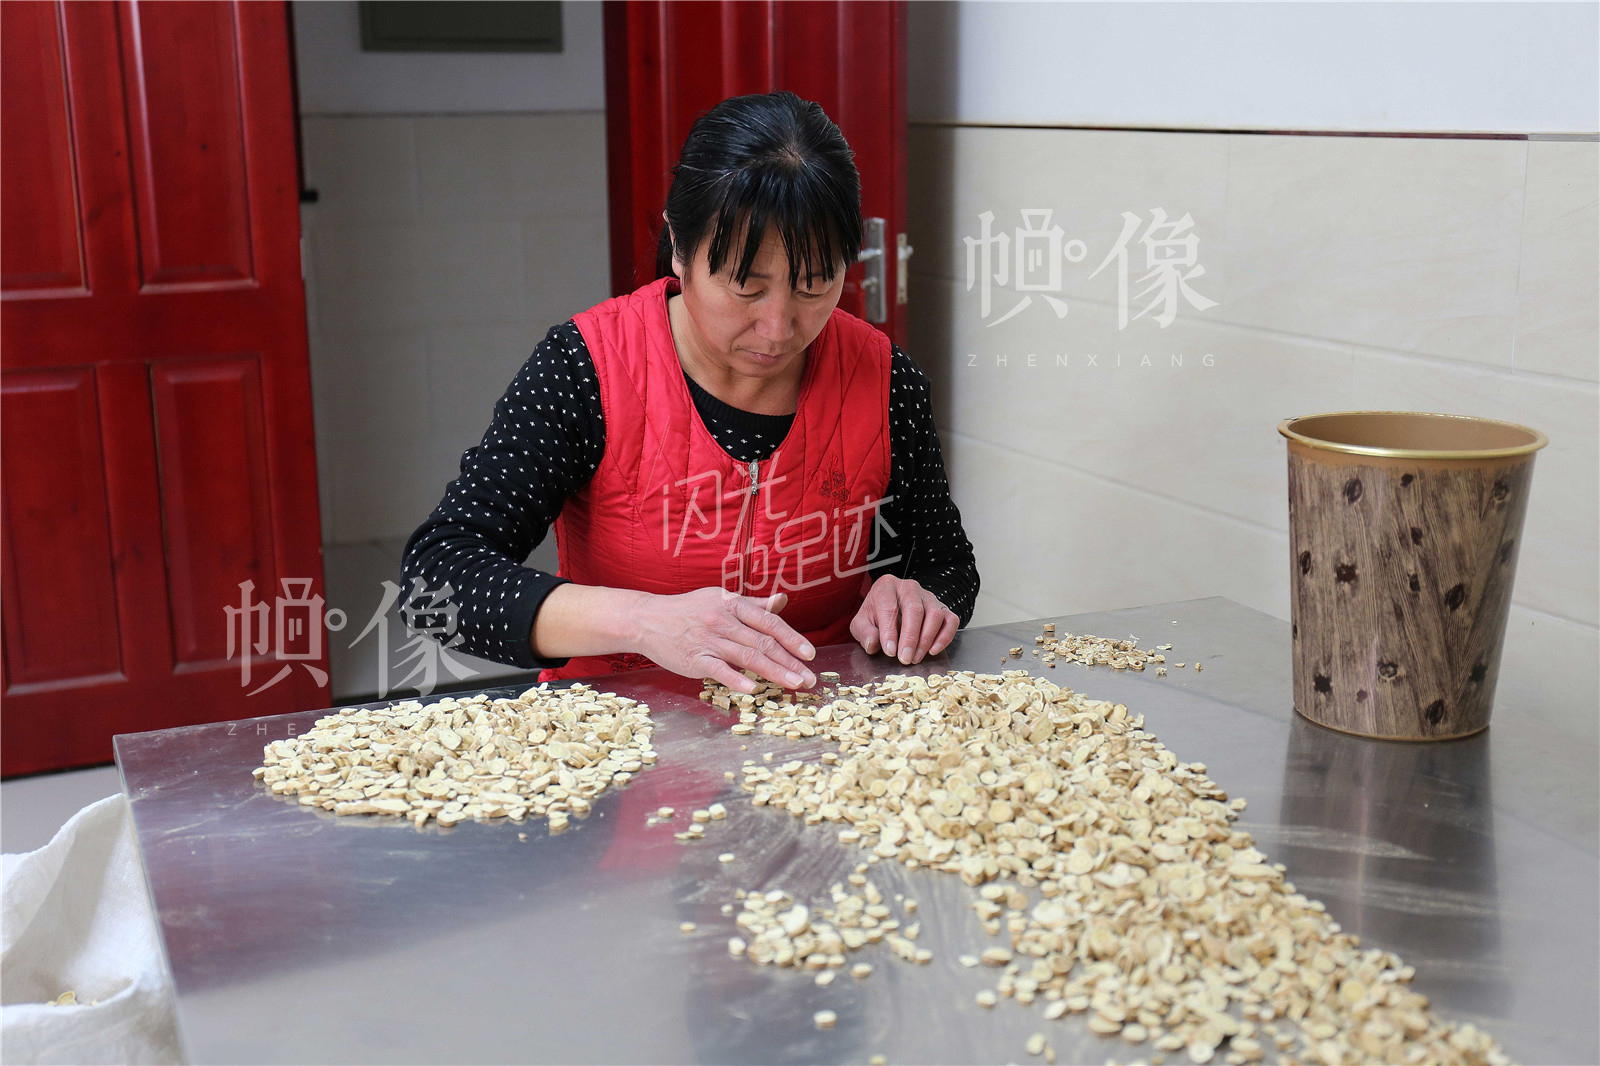 王金海对药材品质格外看重,图为员工对药材黄芪筛选,将不符合标准的挑出。中国网记者 黄富友 摄